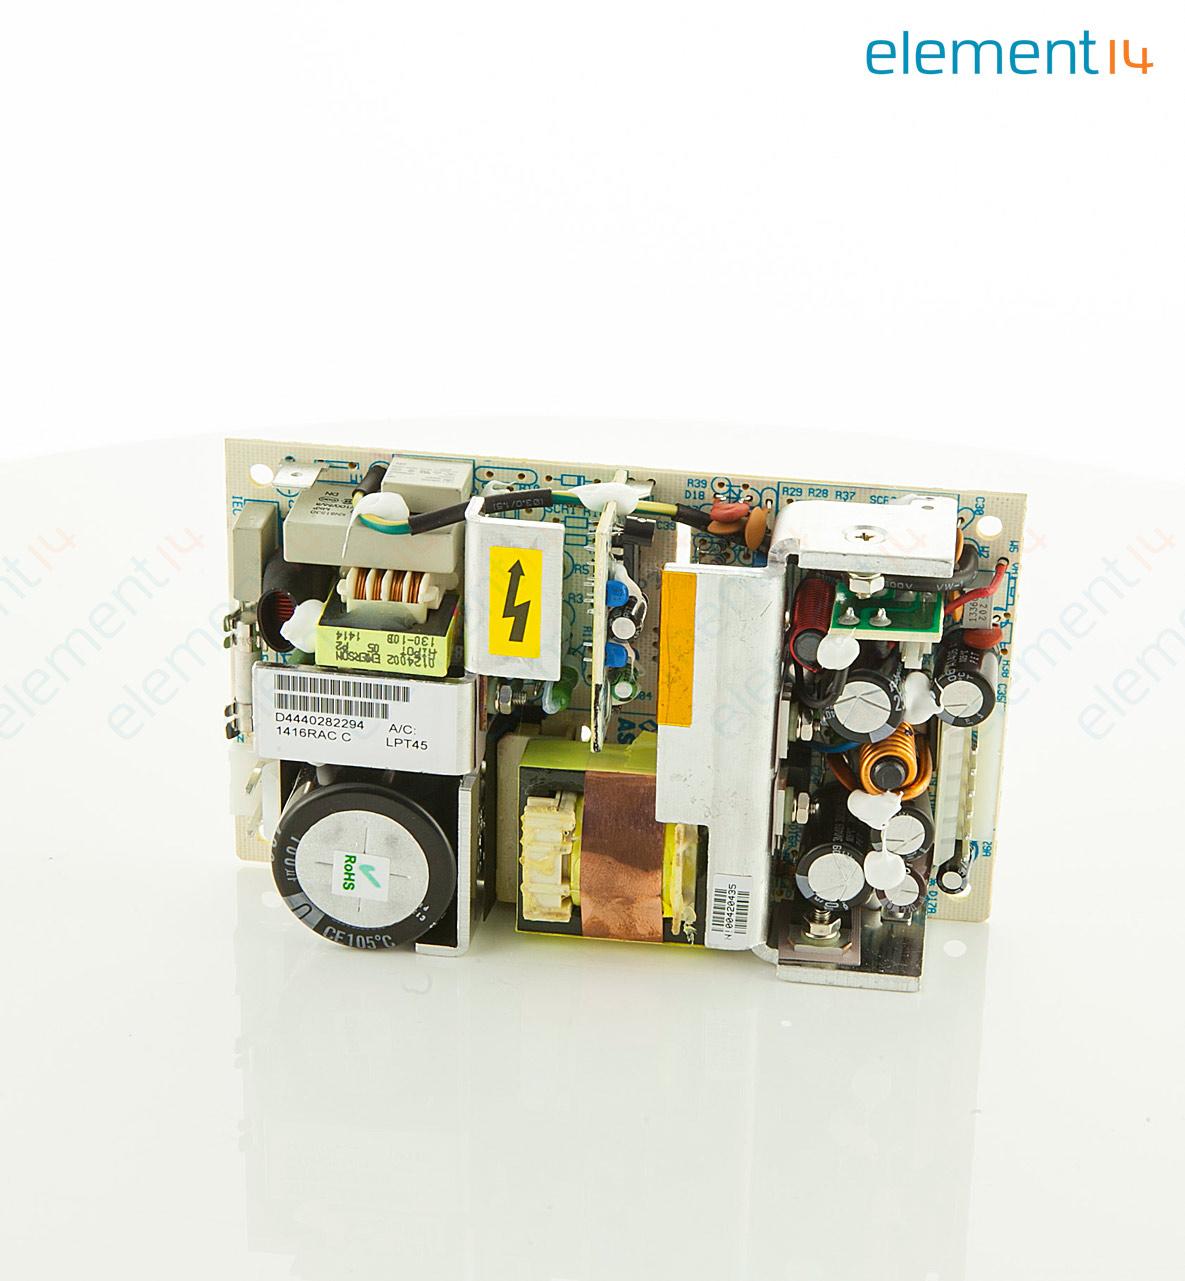 LPT45 ARTESYN EMBEDDED TECHNOLOGIES, Fuente de Alimentación AC/DC ...